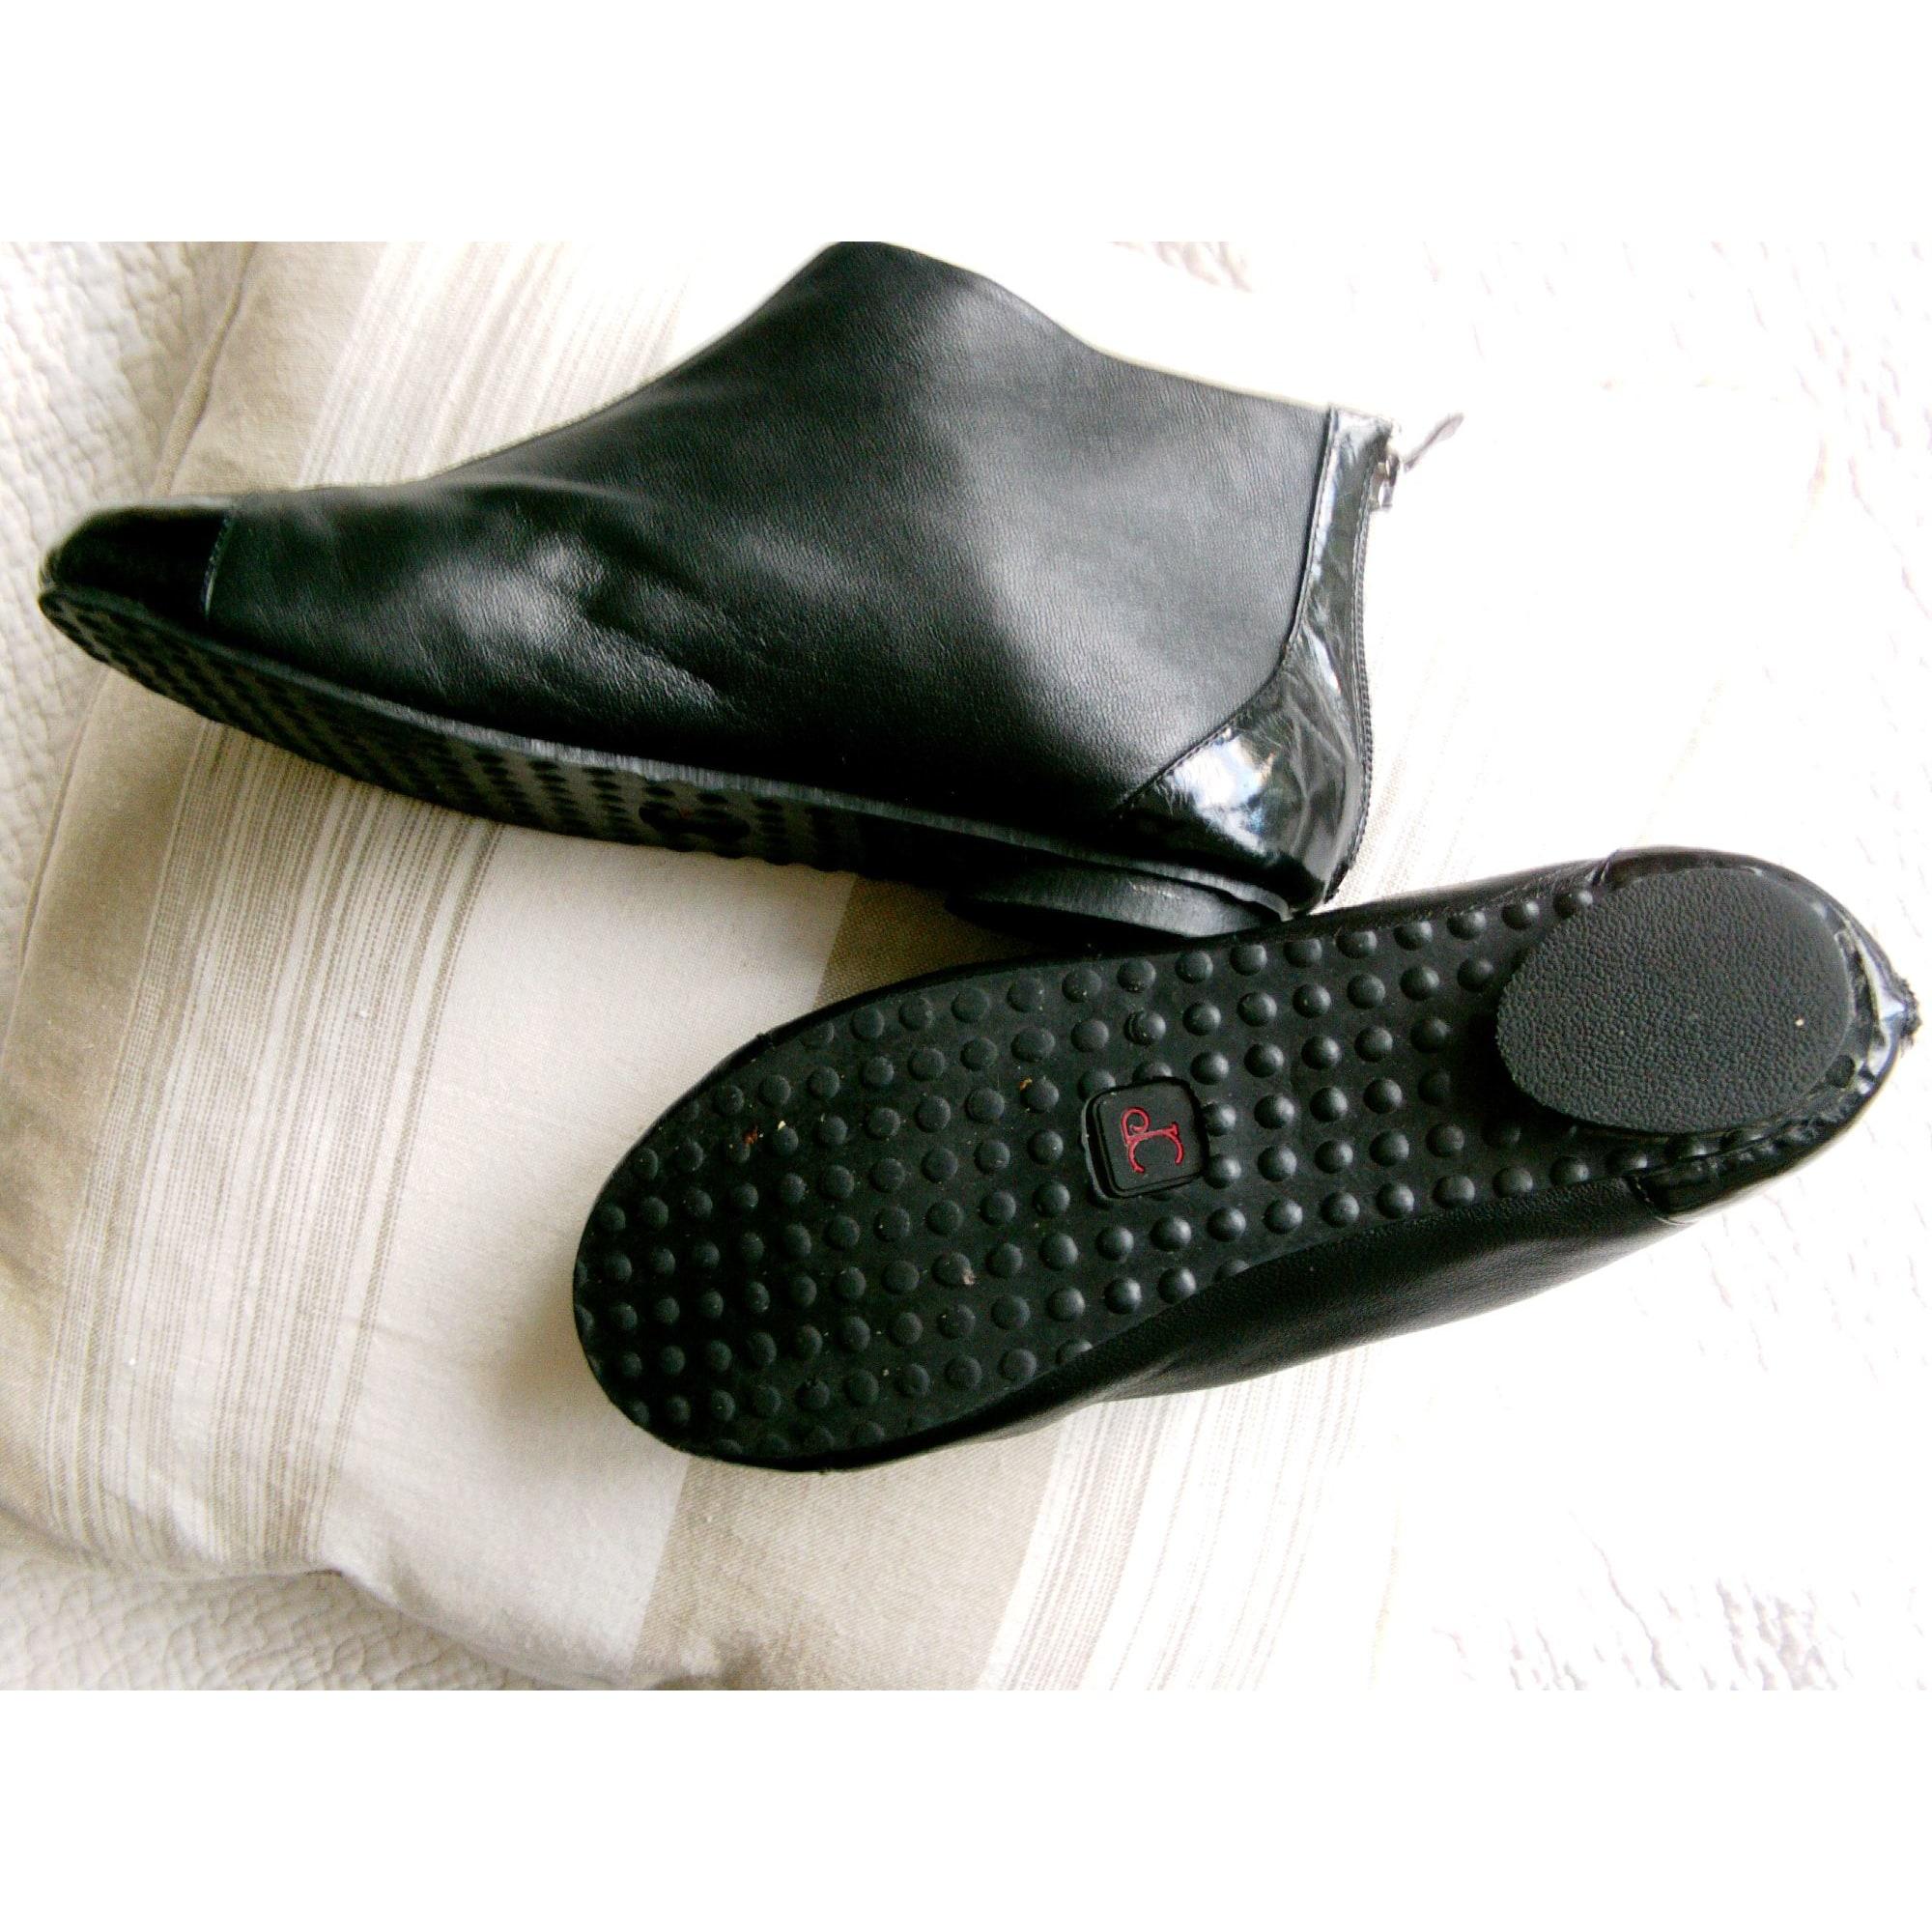 Bottines & low boots plates COULEUR POURPRE Noir